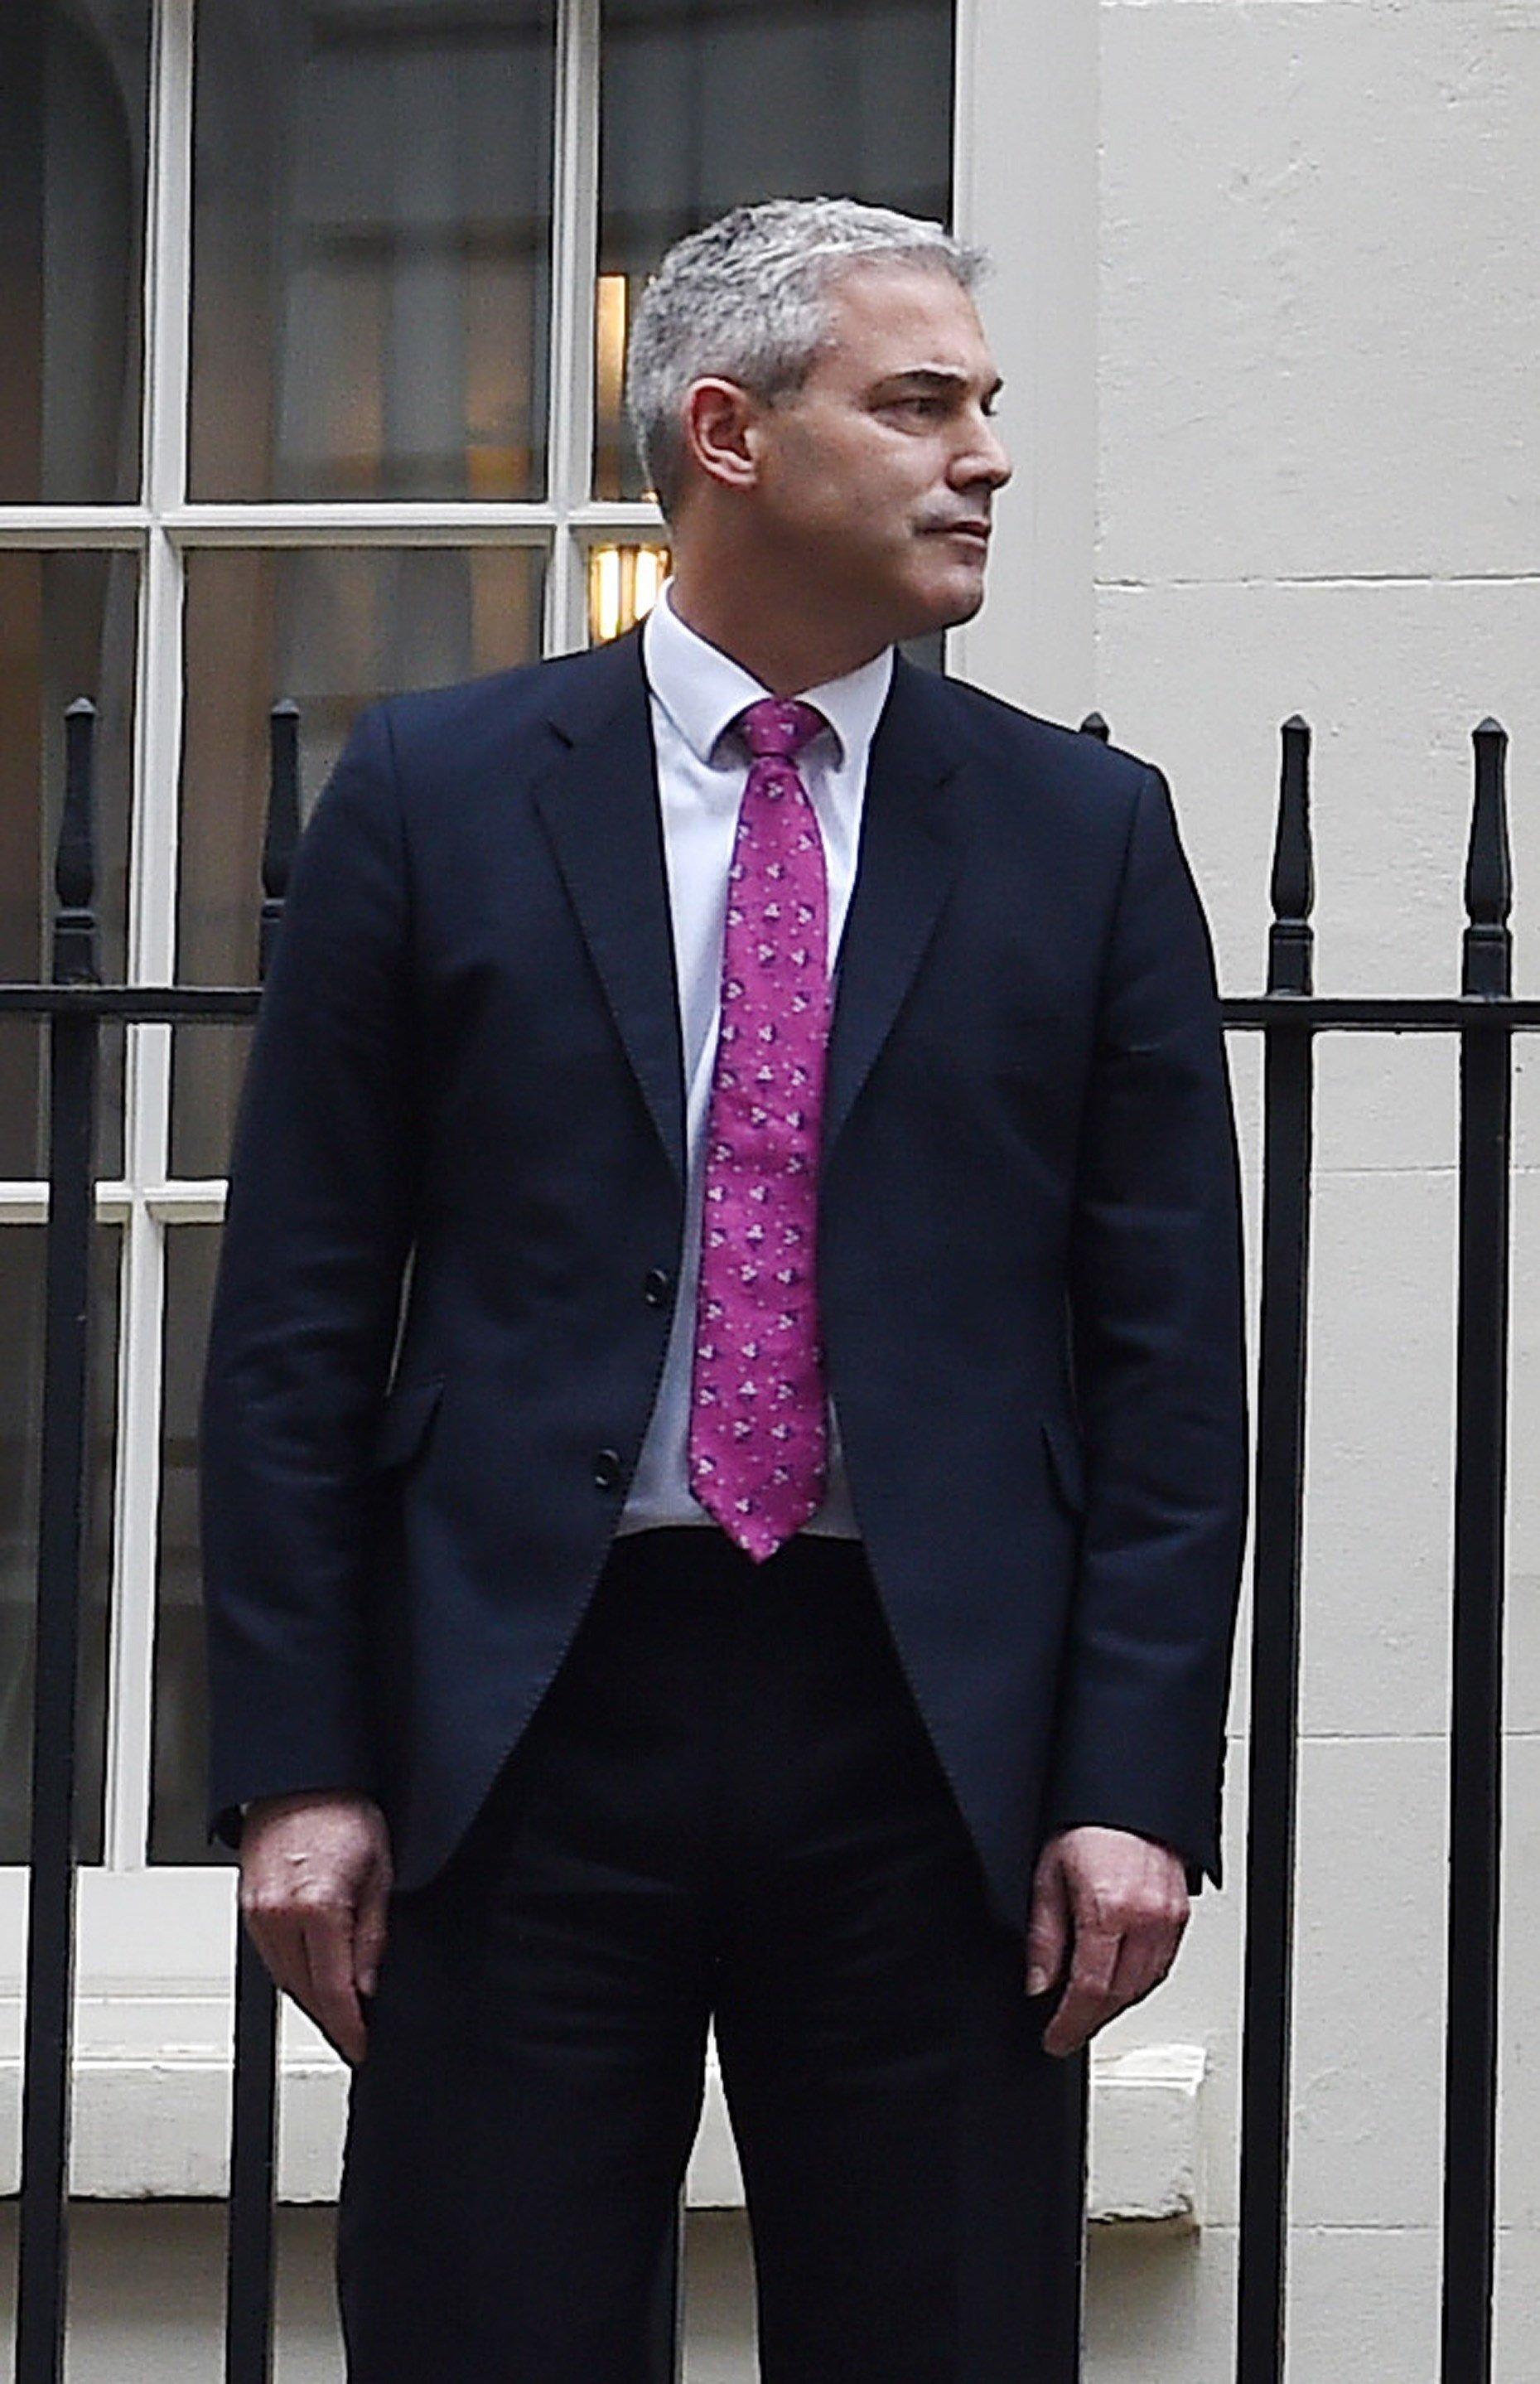 Ο μέχρι πρότινος υφυπουργός Υγείας, Στίβεν Μπάρκλεϊ είναι ο νέος υπουργός